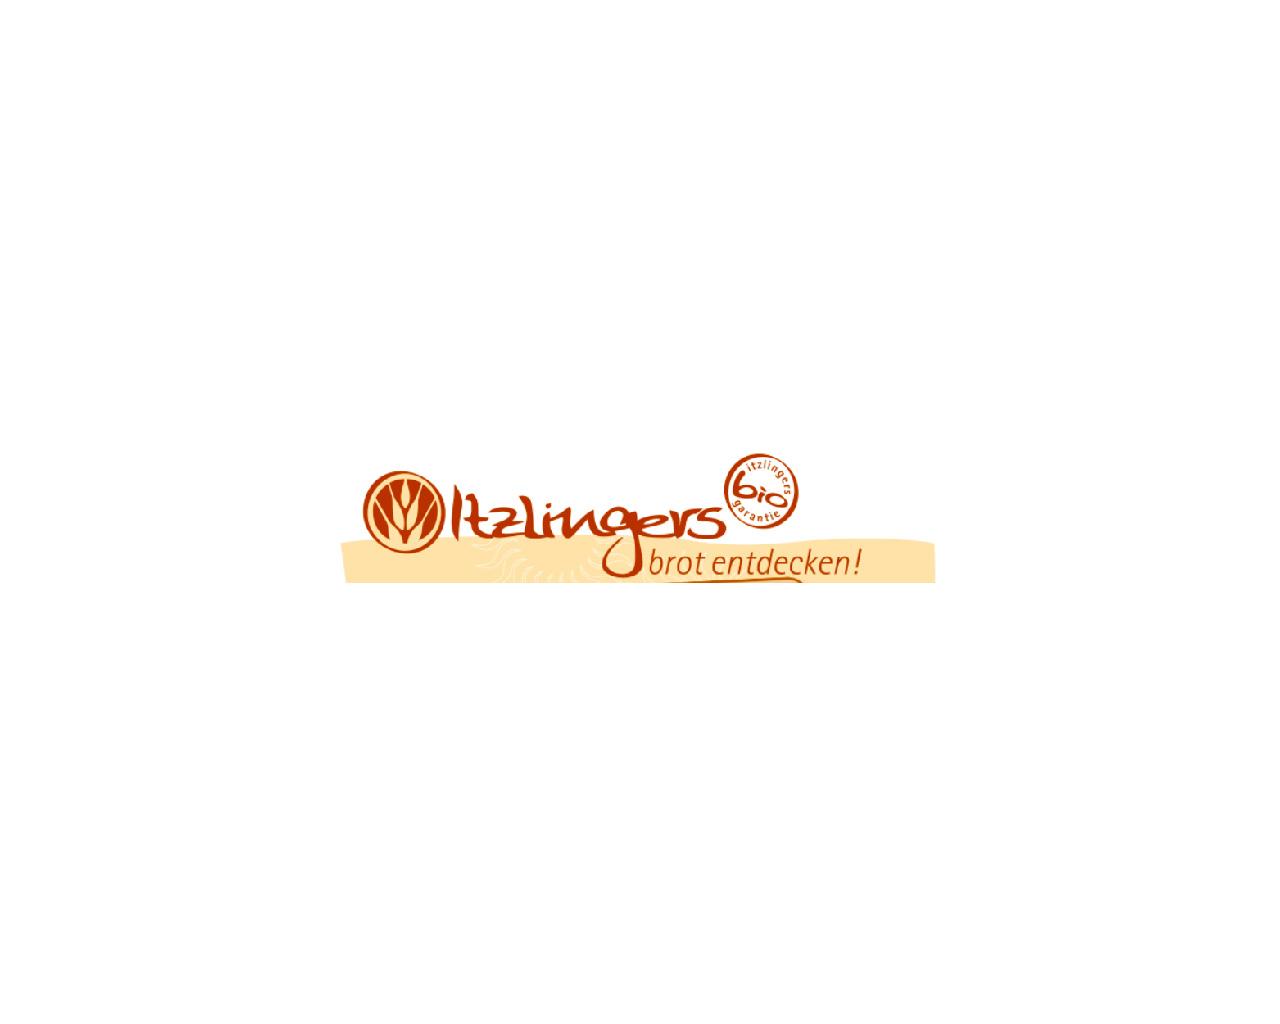 Logo Itzlinger-01.jpg